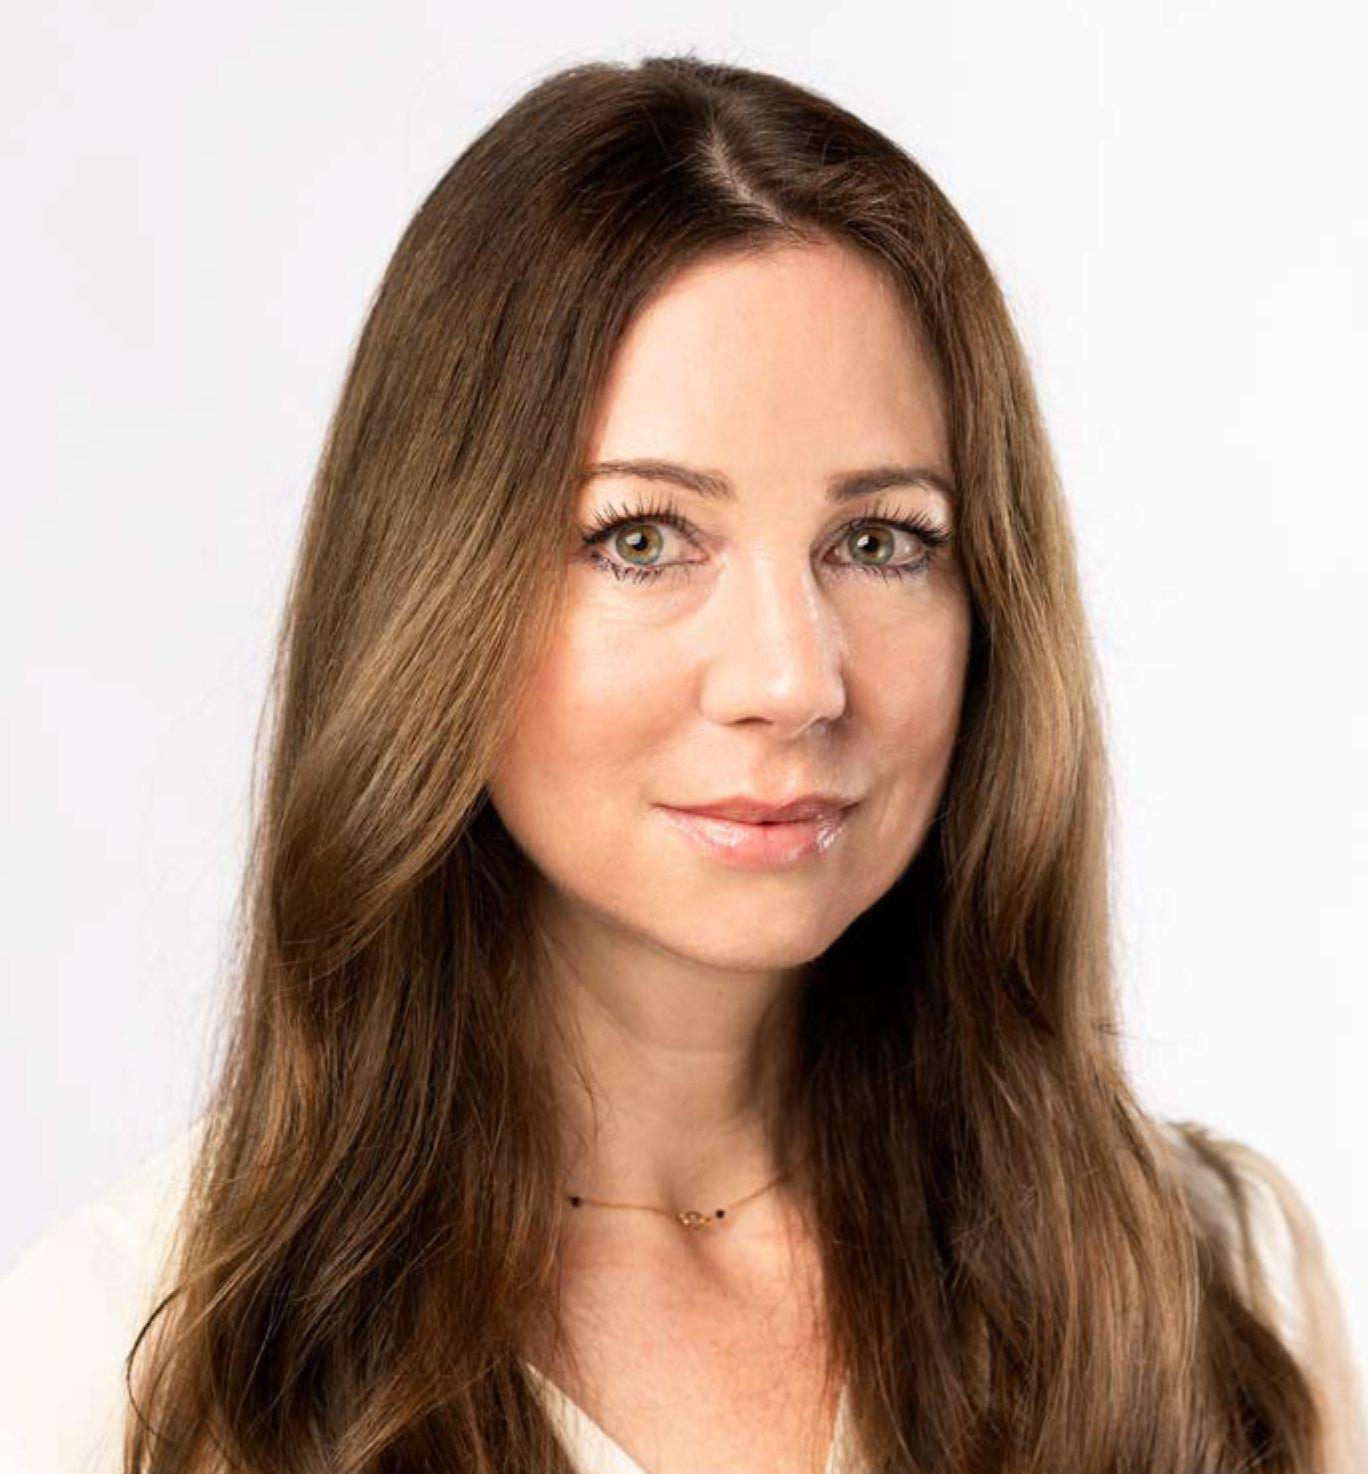 Katja Schmelz